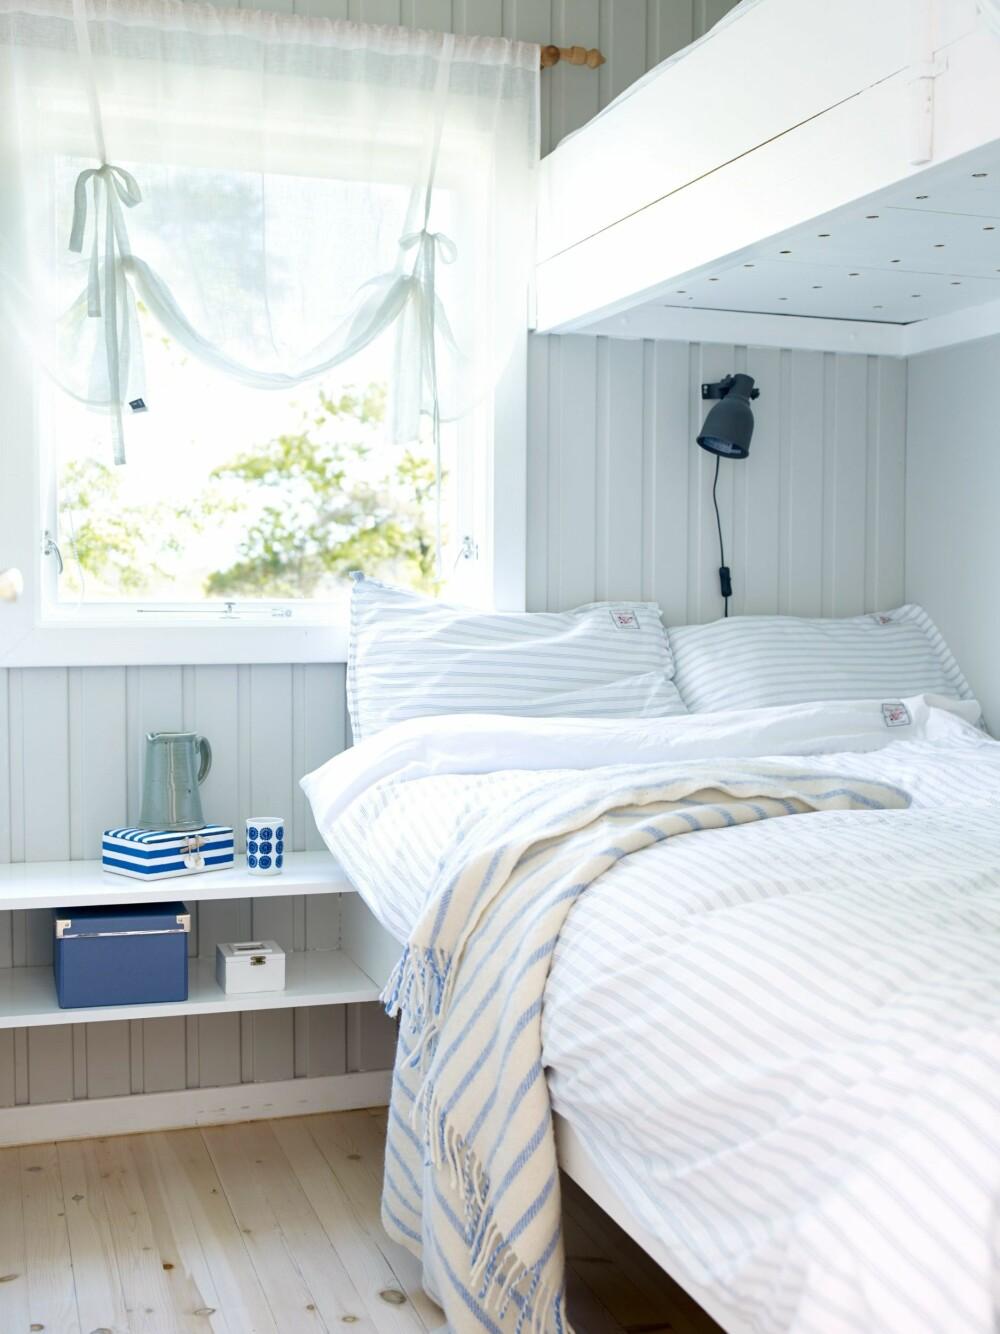 SELVLAGDE SENGEBUNNER: Sengebunnen består av løse planker som dekker hele bunnen, slik at den som ligger i underkøya slipper å se opp i madrassen. For å gi madrassen god lufting, har de boret to hull i hver planke.